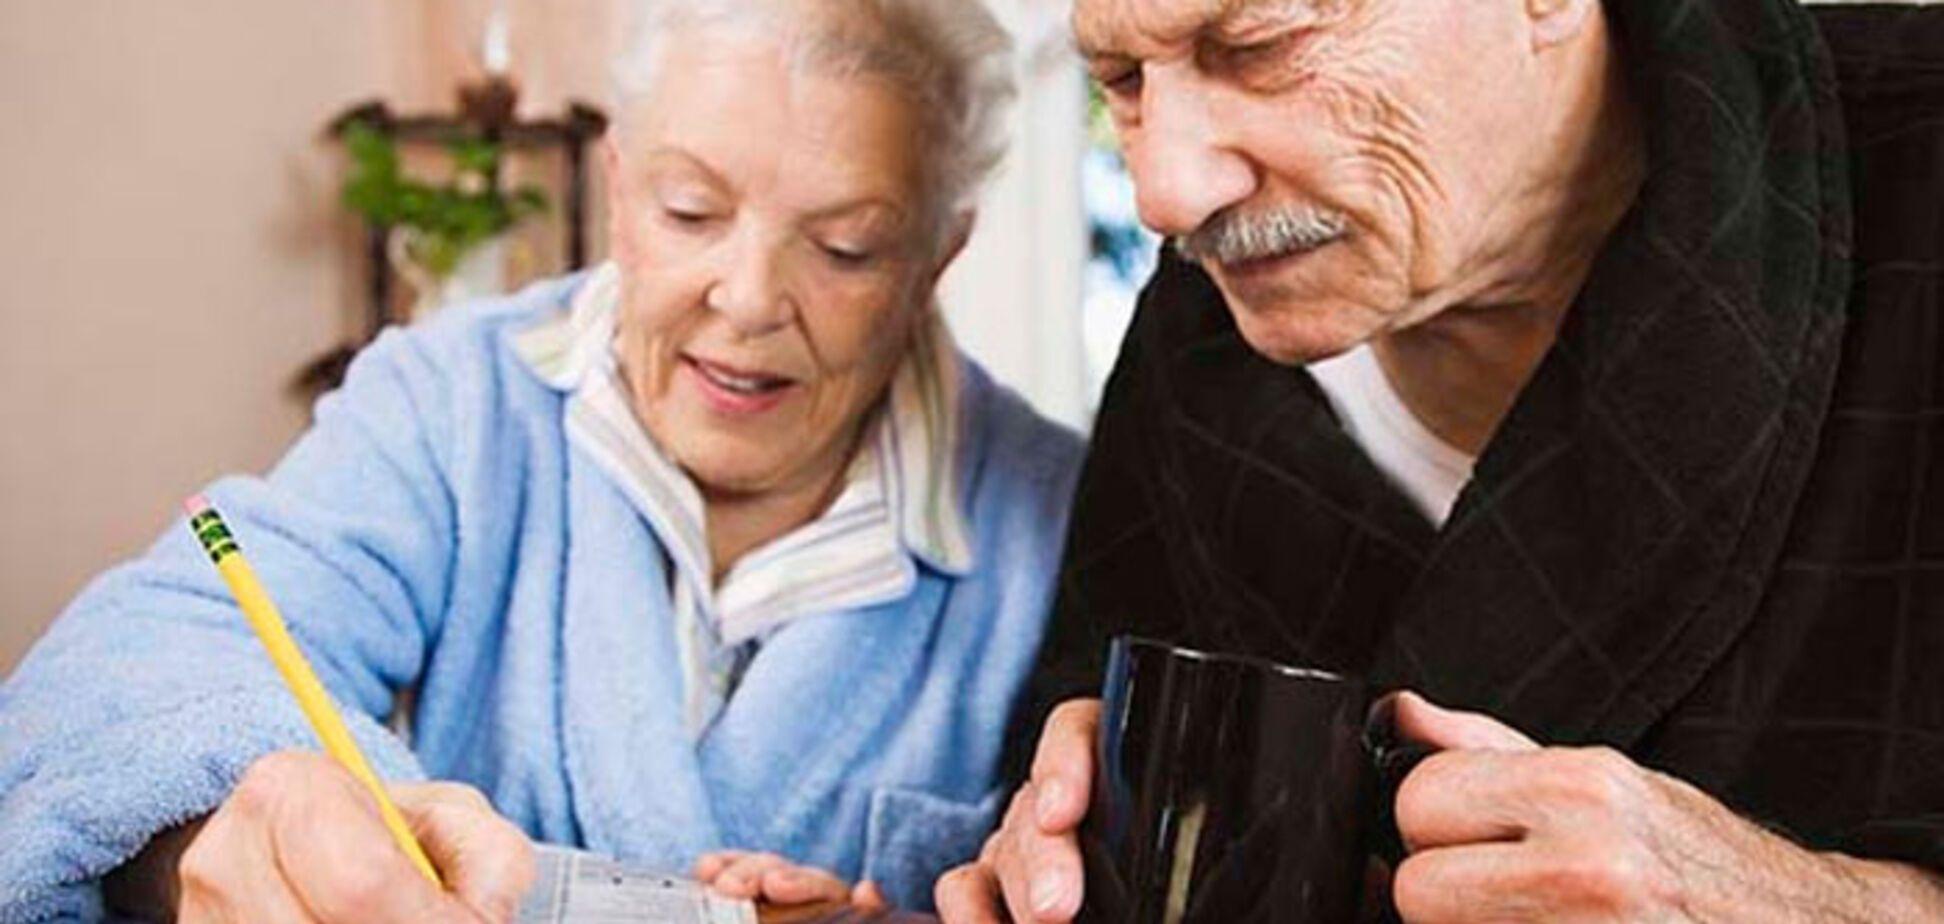 Против Альцгеймера: британцы придумали сложную загадку